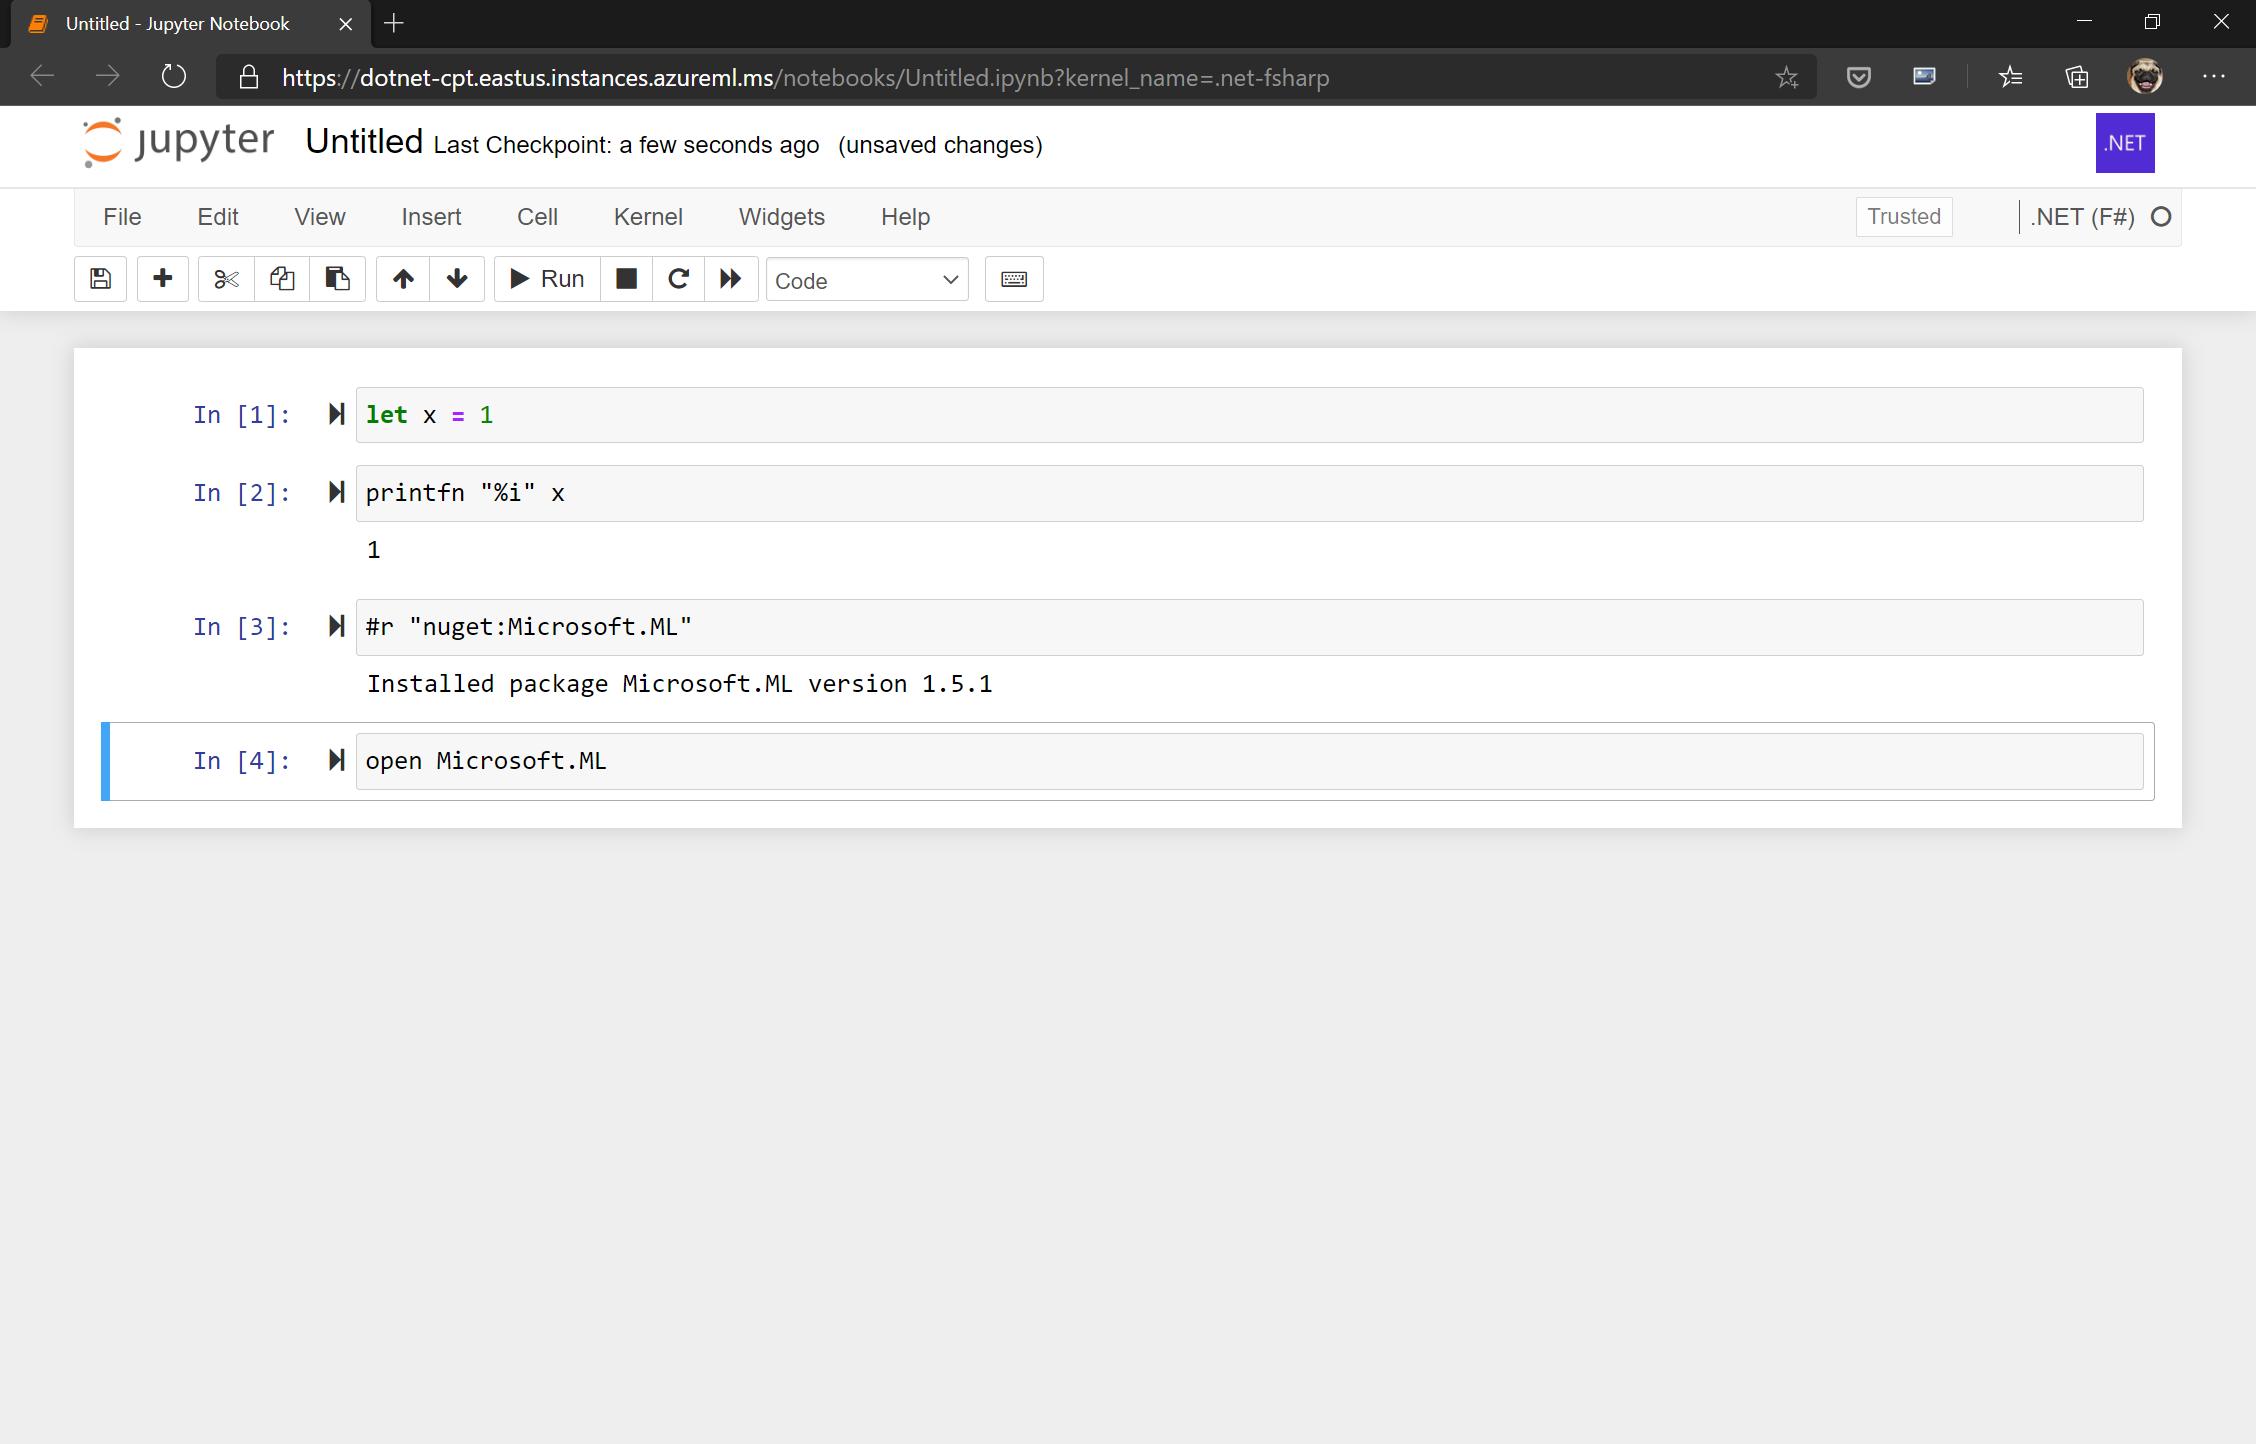 FSharp Jupyter Notebook running in AML compute instance